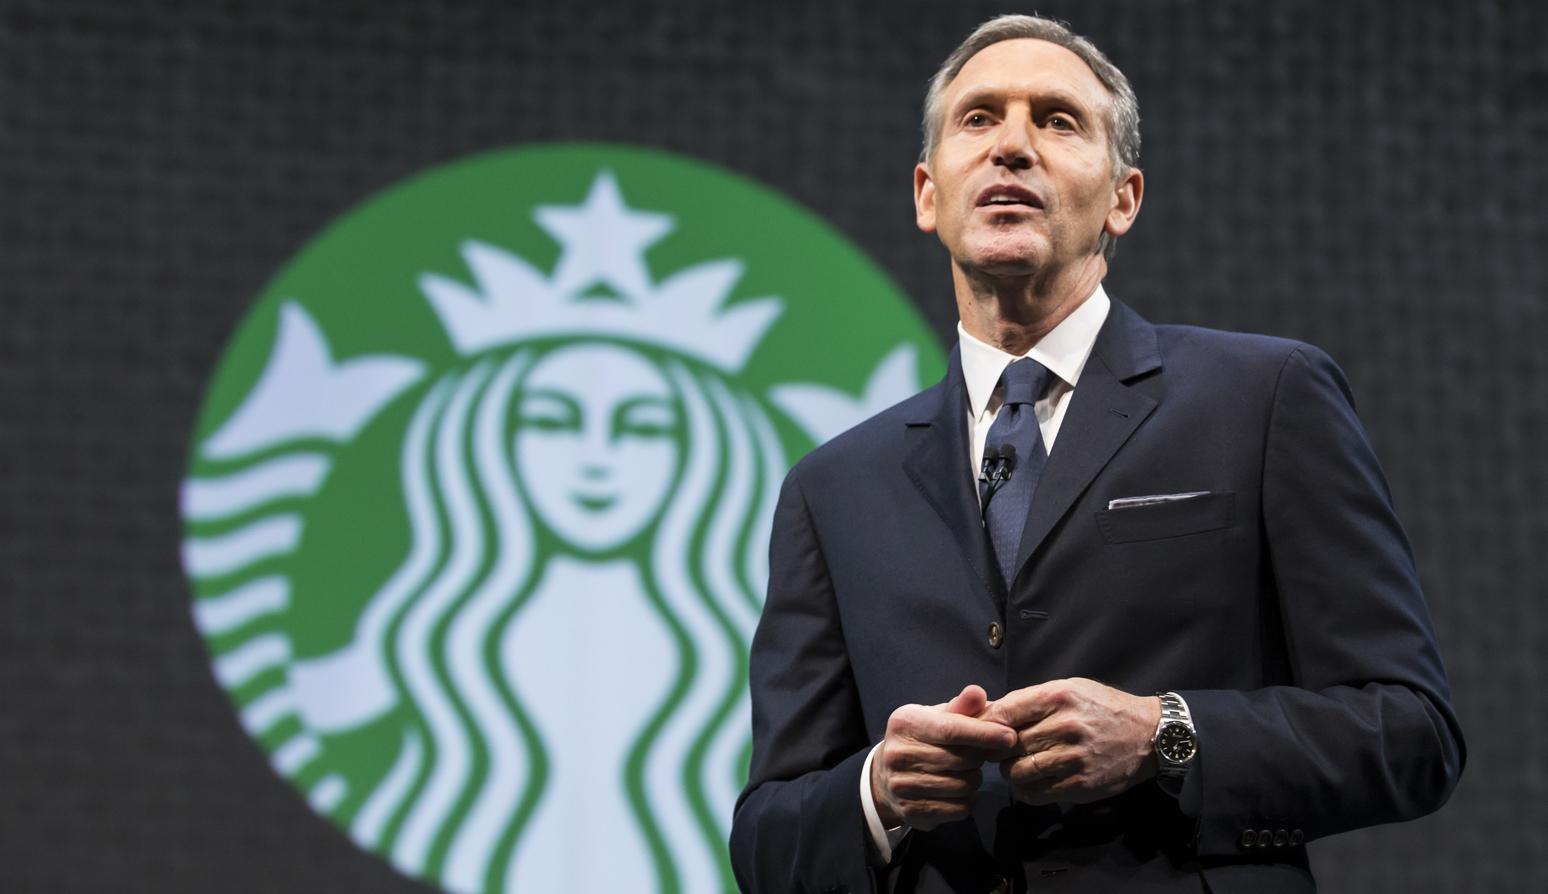 ceo starbucks 66 - Presidente de Starbucks confía en que locales vacíos harán reducir el costo de alquiler